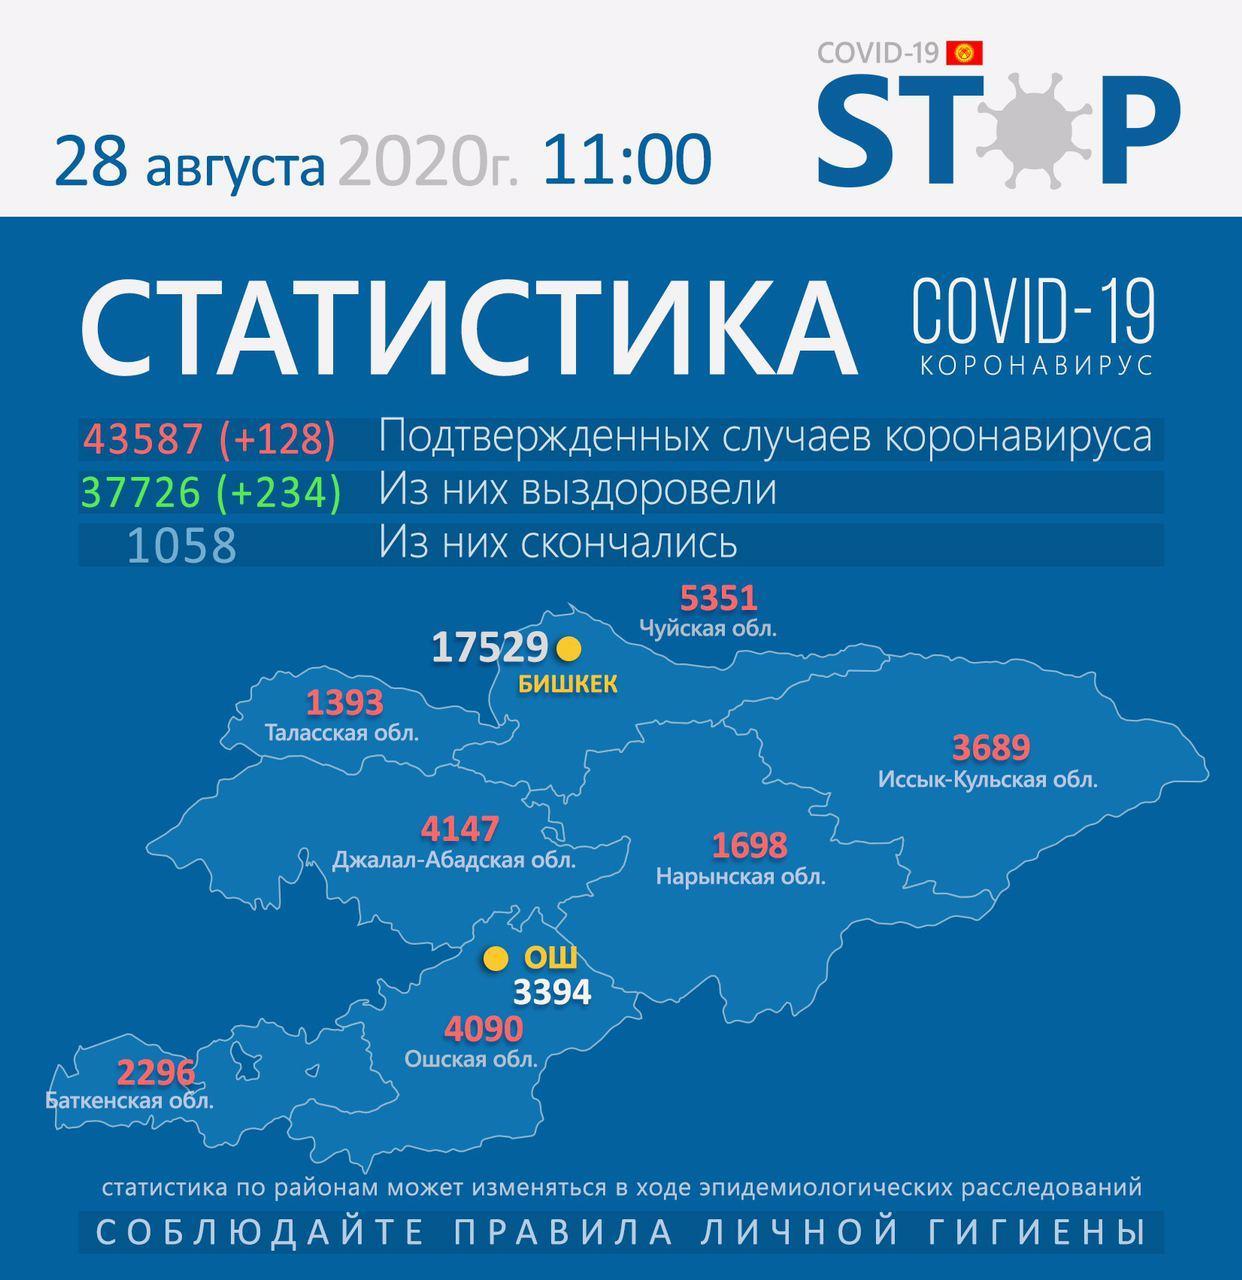 吉尔吉斯斯坦新冠肺炎疫情缓和 部分医院已关闭